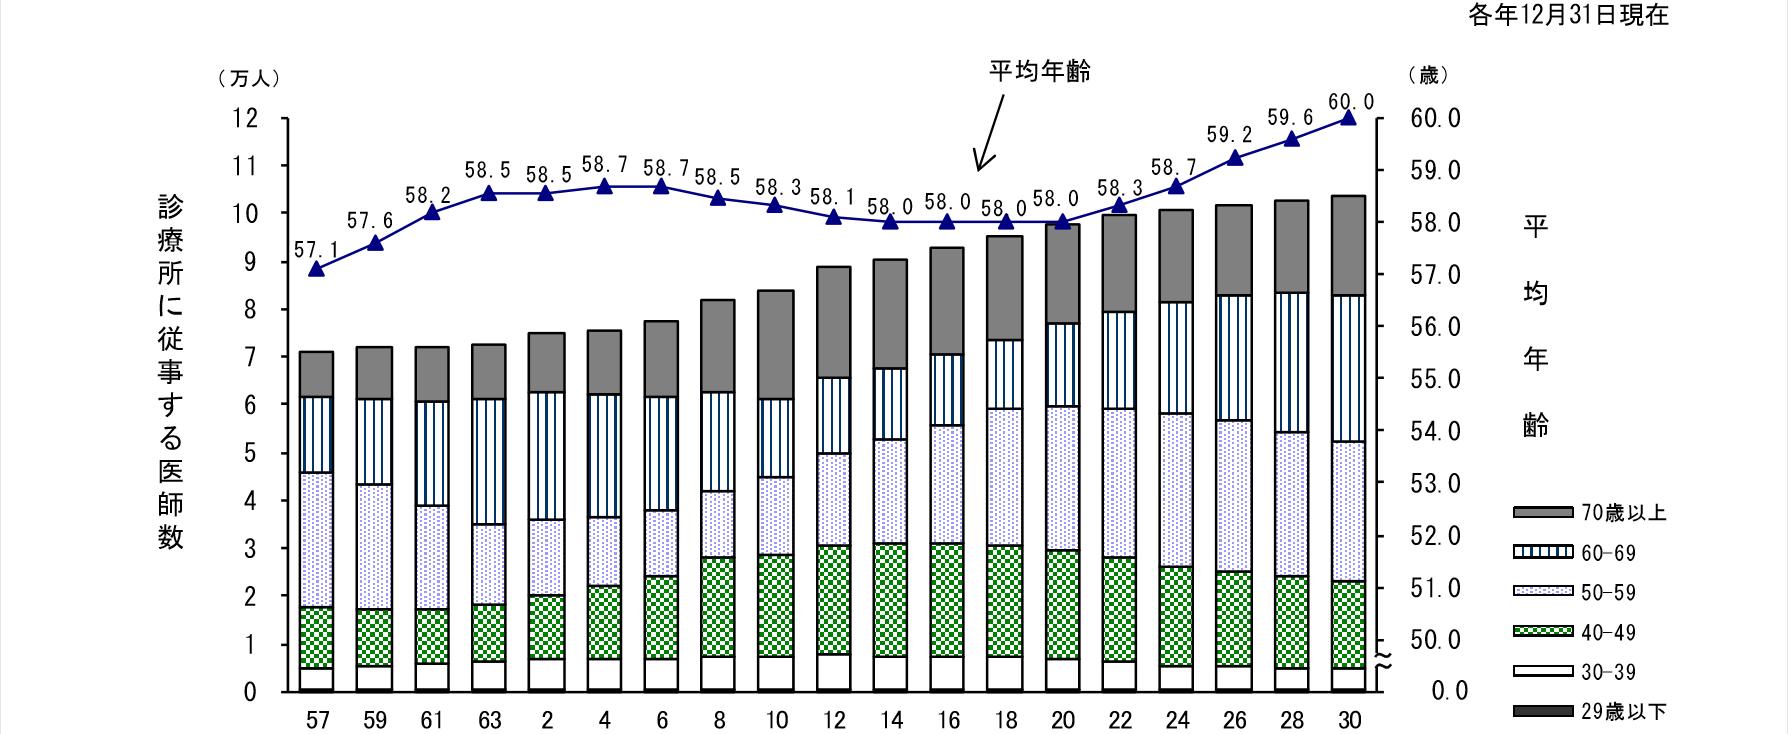 2年毎の診療所に従事する医師数のグラフ